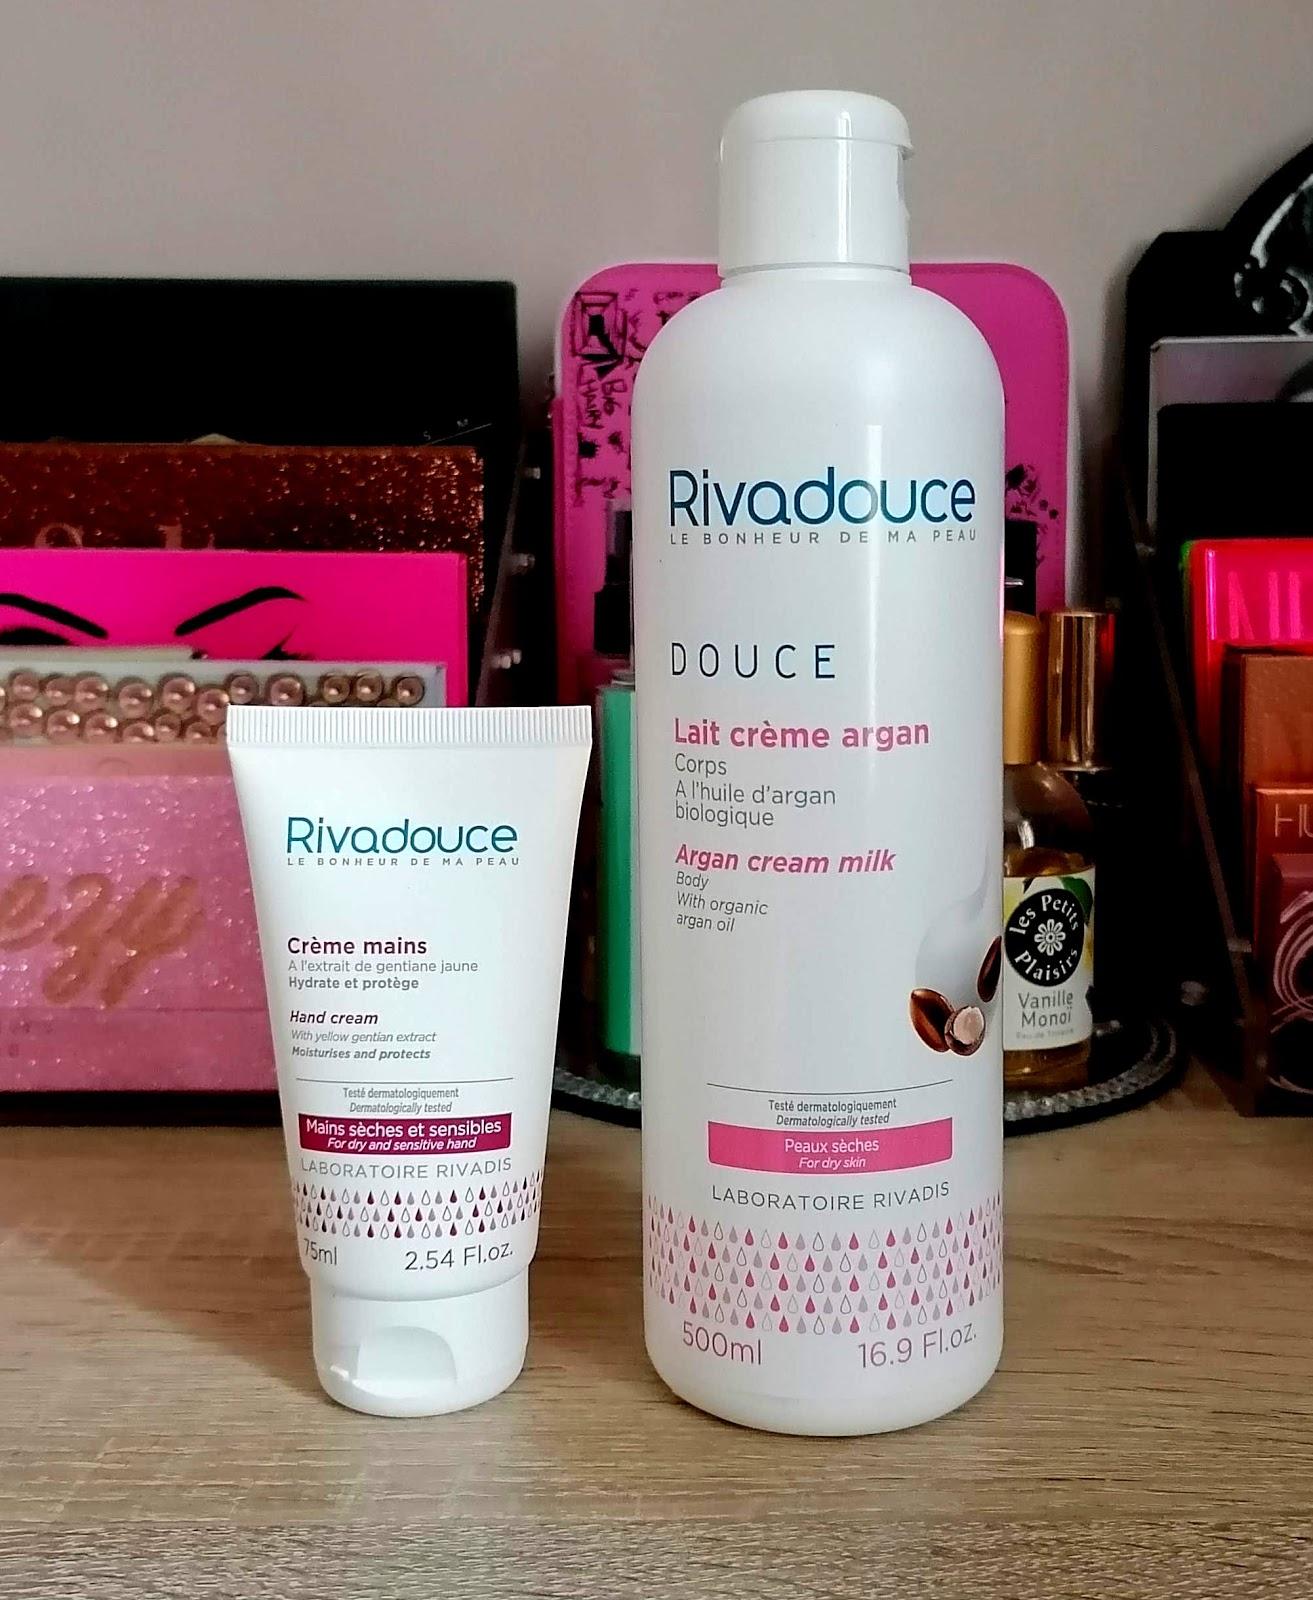 Découverte de RIVADOUCE, des produits made in France doux pour la peau